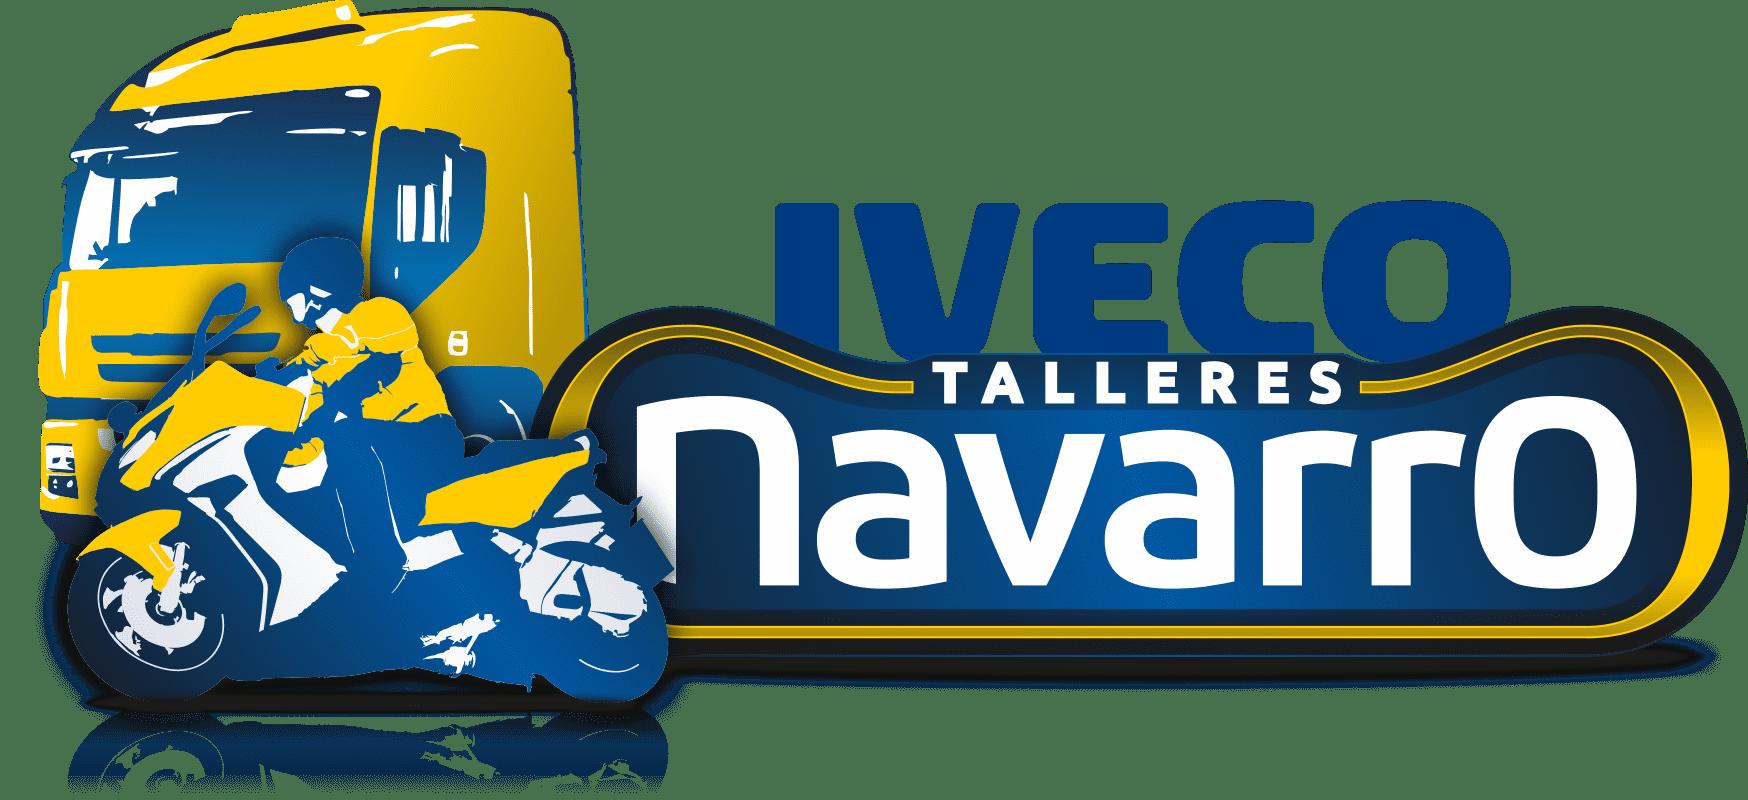 Talleres Navarro de Puente Genil, S.L, Taller Autorizado Iveco en Puente Genil (Córdoba)